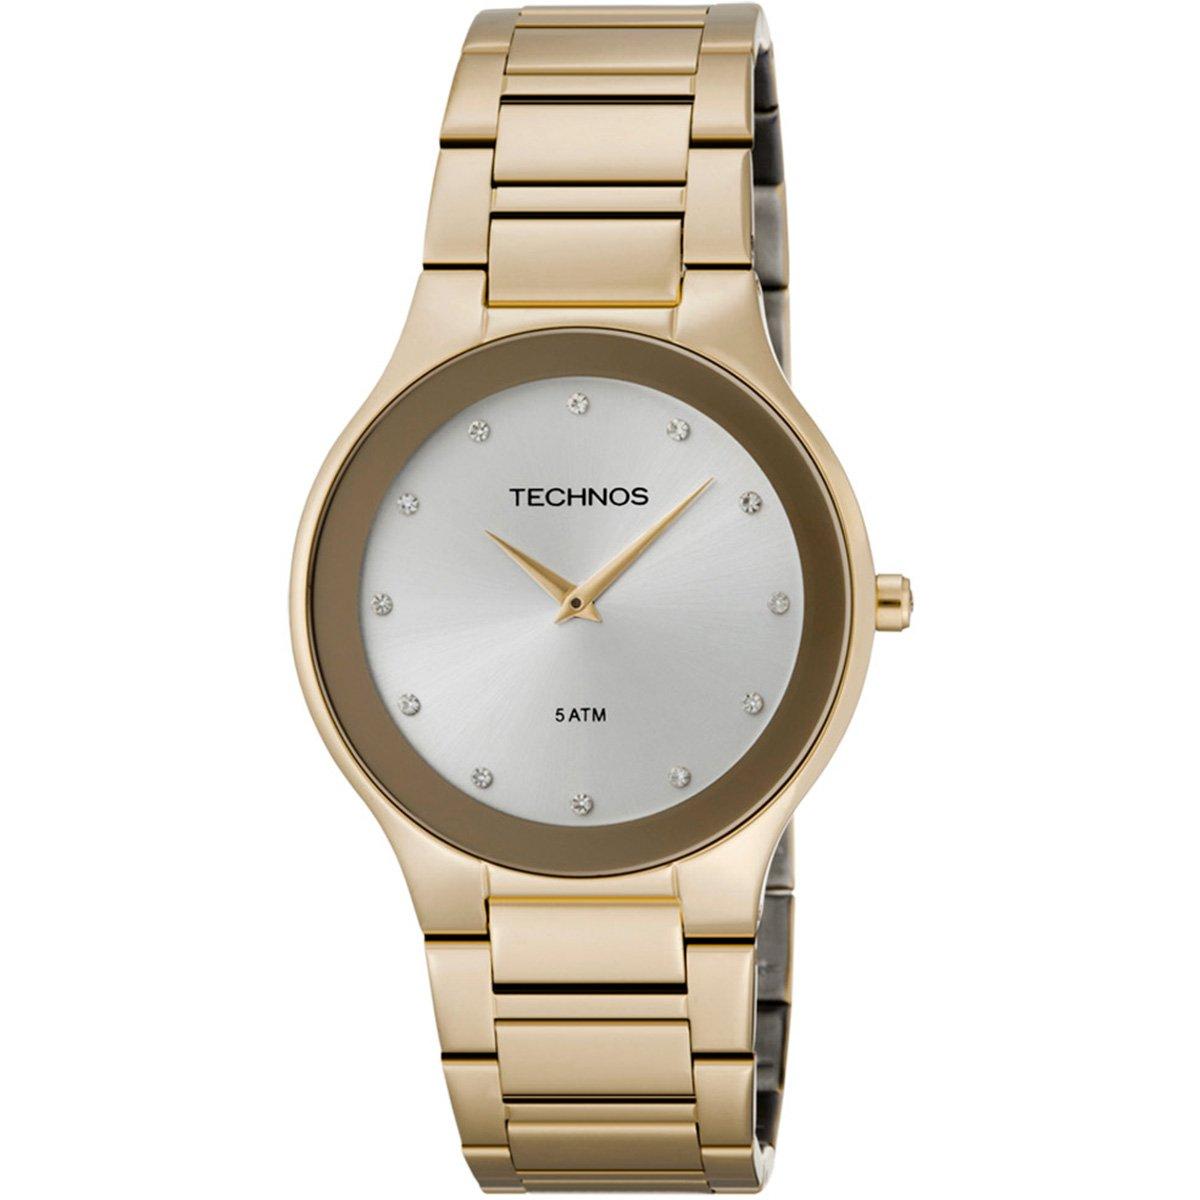 79cd088d2b6 Relógio Technos Classic Slim - Dourado - Compre Agora